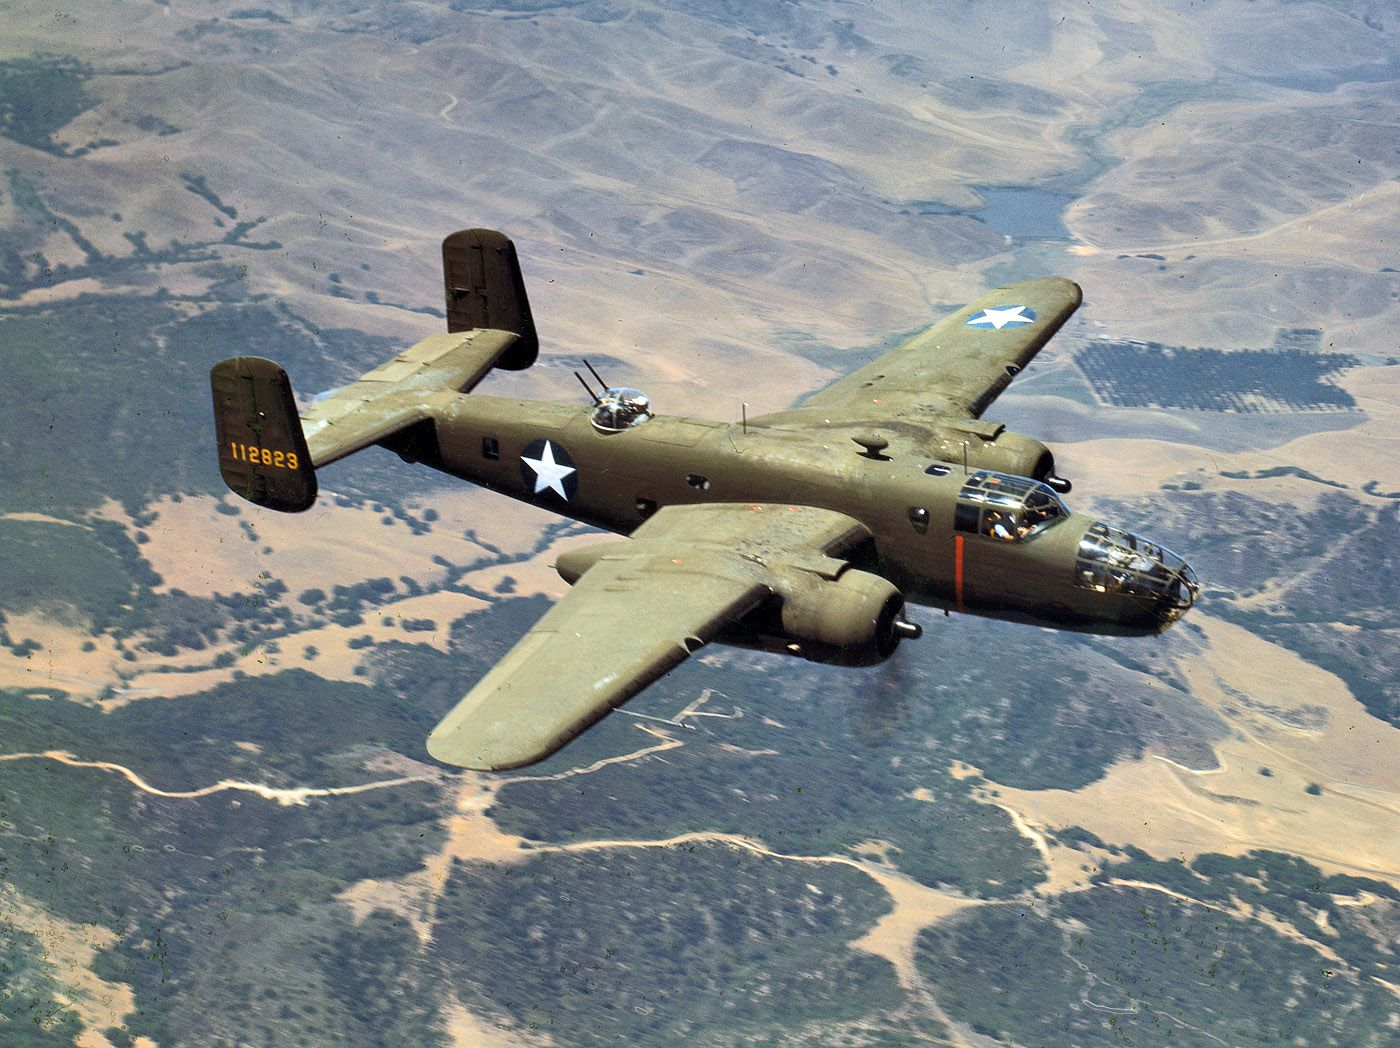 1a35397u1 - Octobre 1942 : Un bombardier North American B25 survol les montagnes d'Inglewoods, Californie.